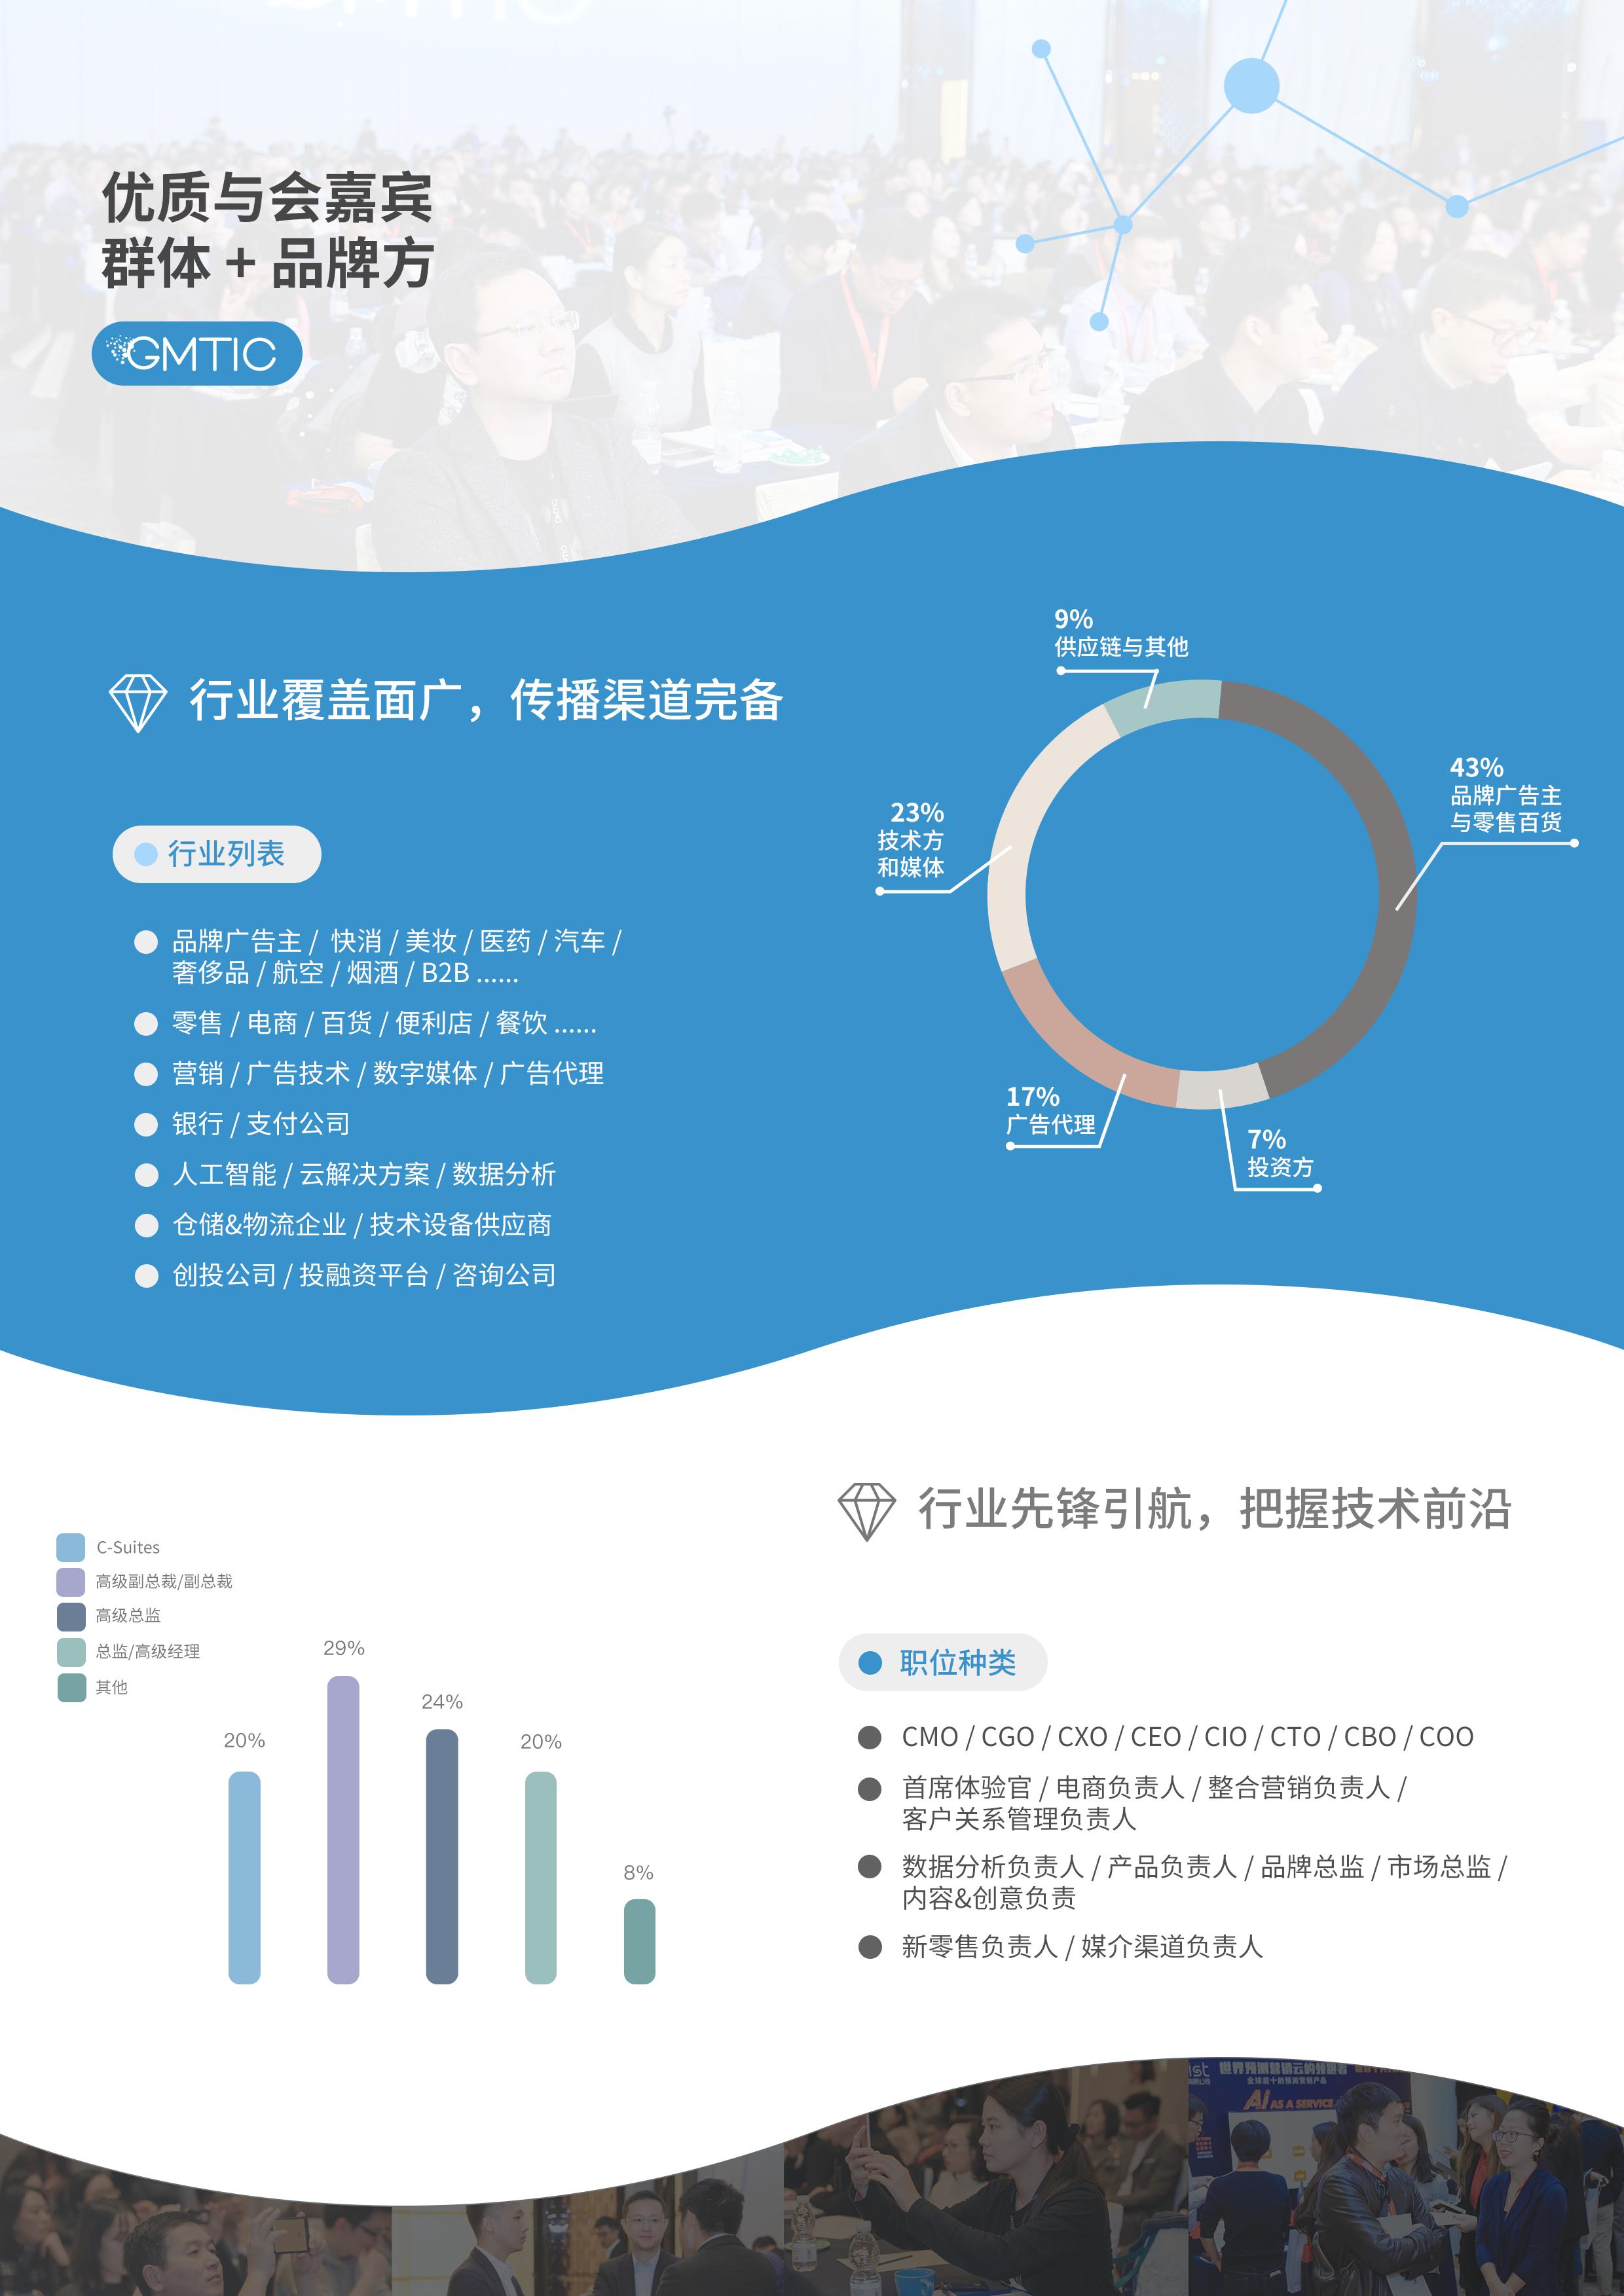 第三屆GMTIC全球營銷技術及零售創新峰會(上海)